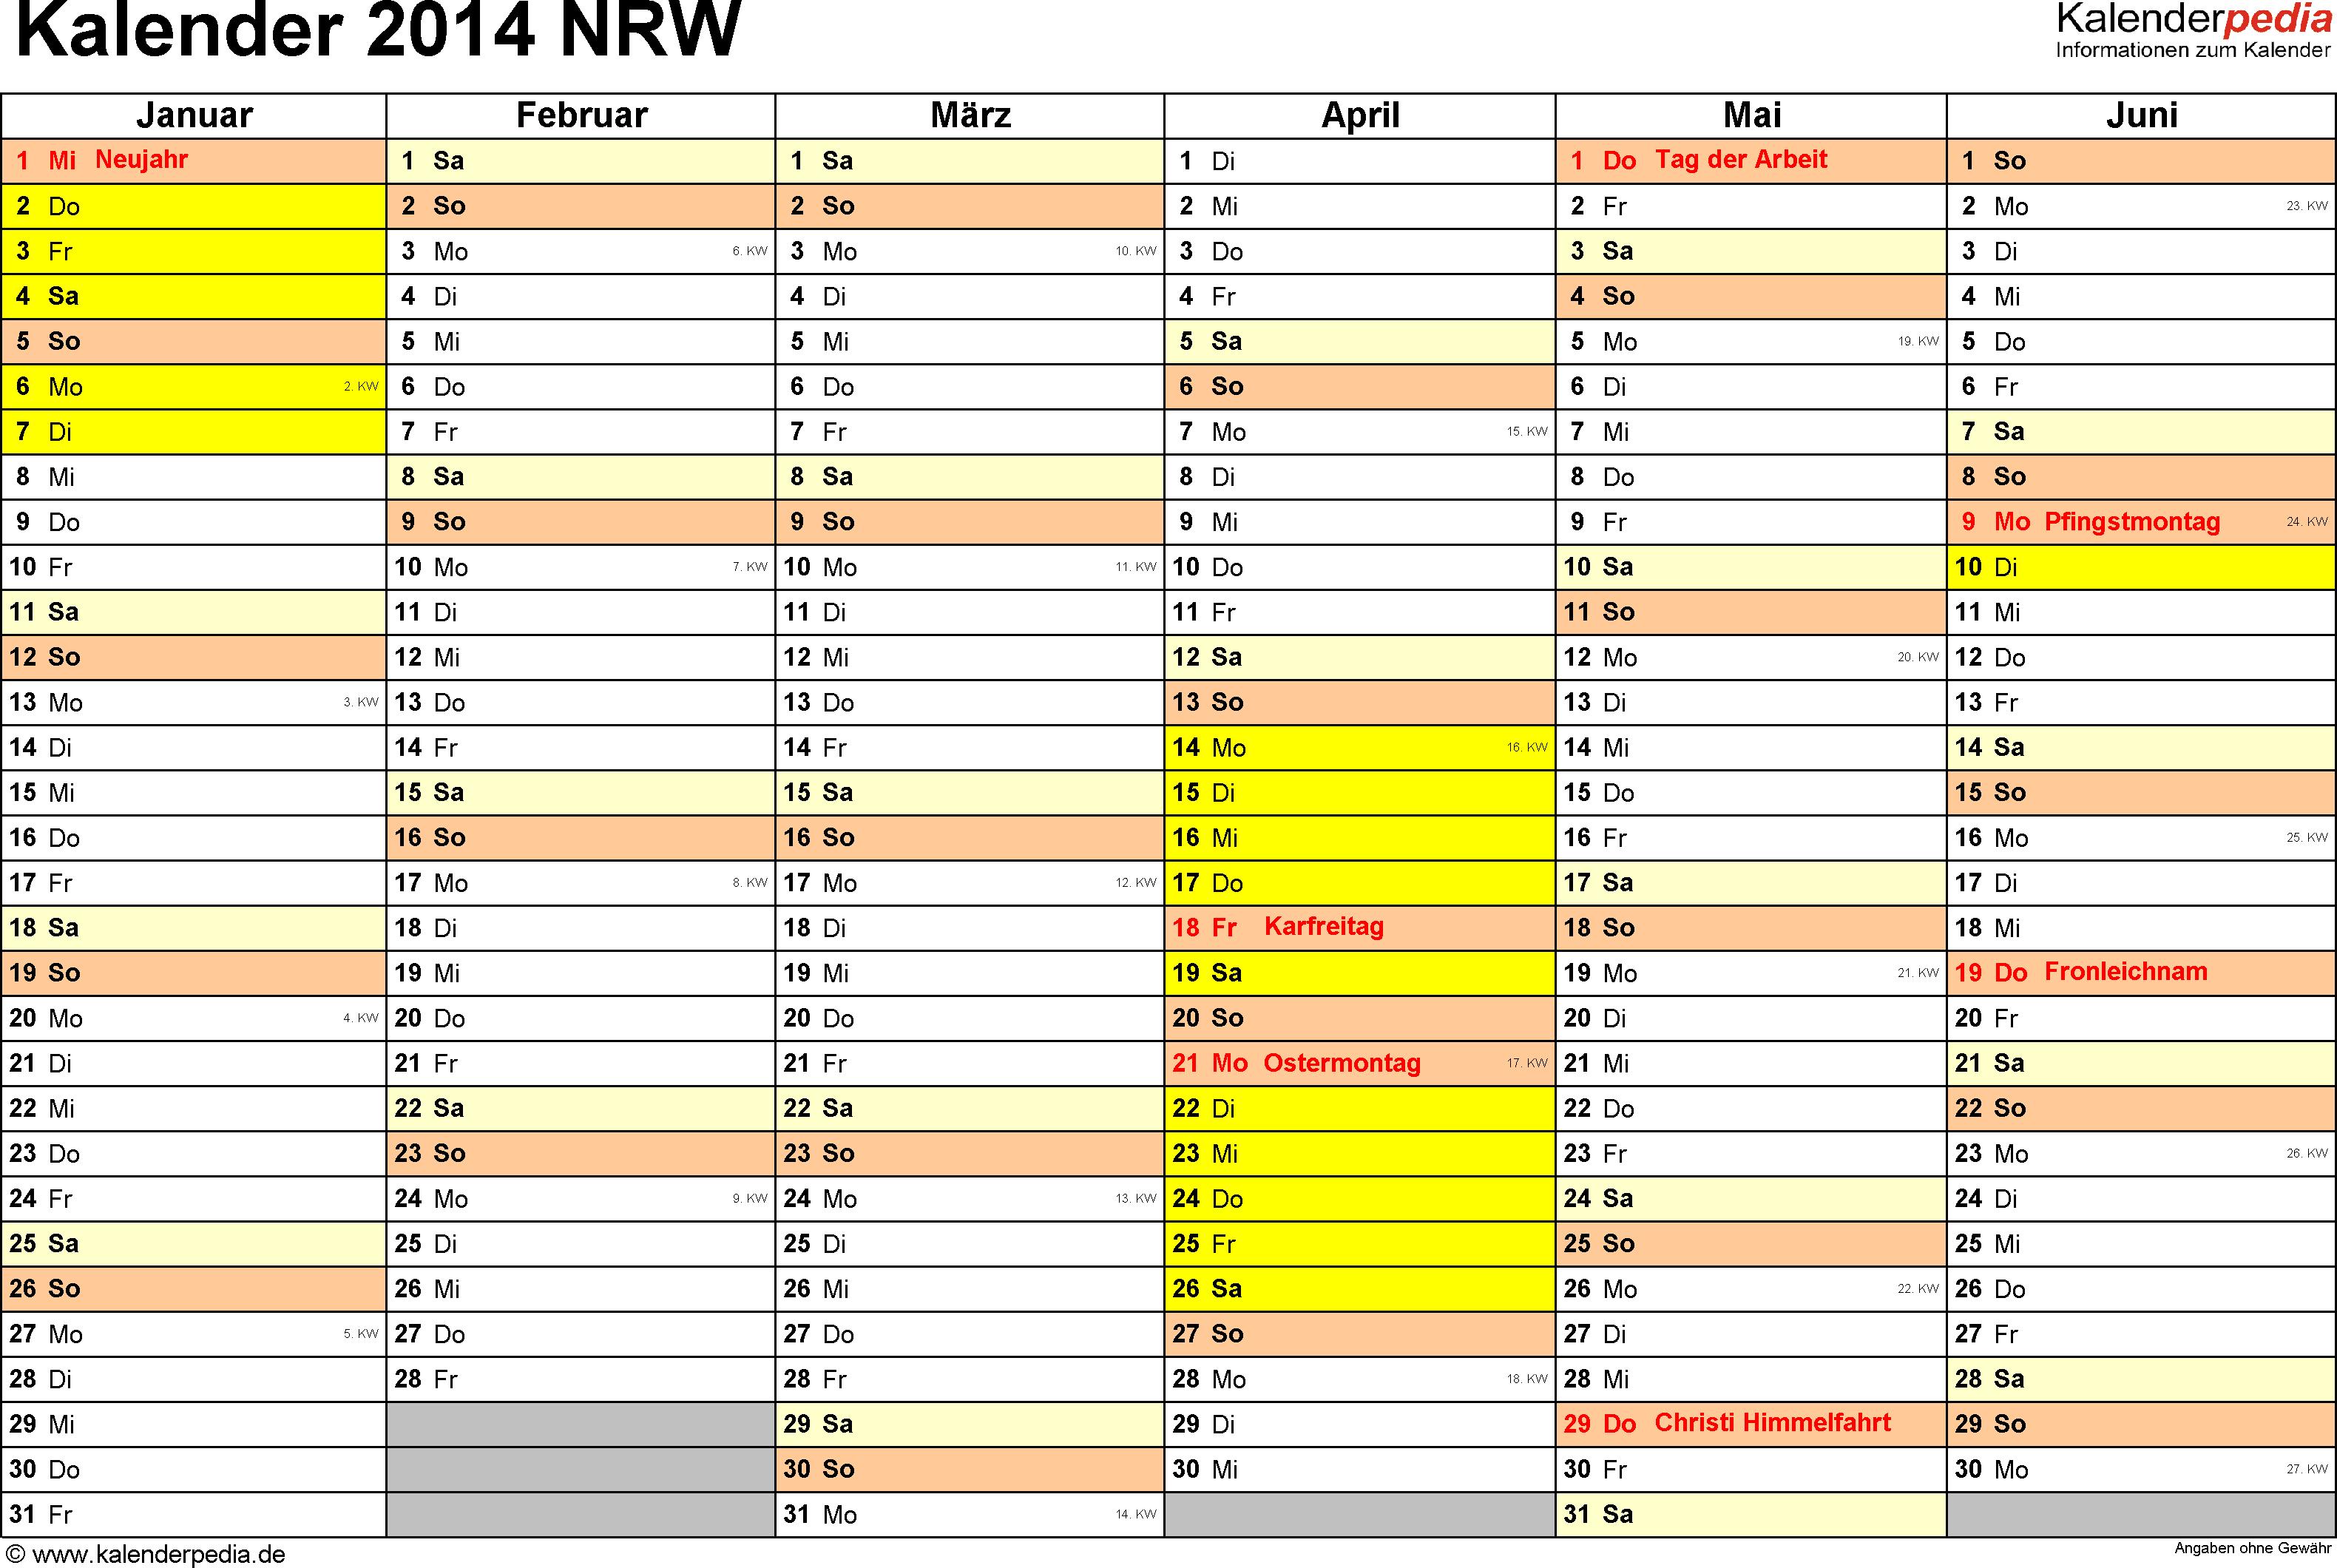 Vorlage 2: Kalender 2014 für Nordrhein-Westfalen (NRW) als Excel-Vorlage (Querformat, 2 Seiten)